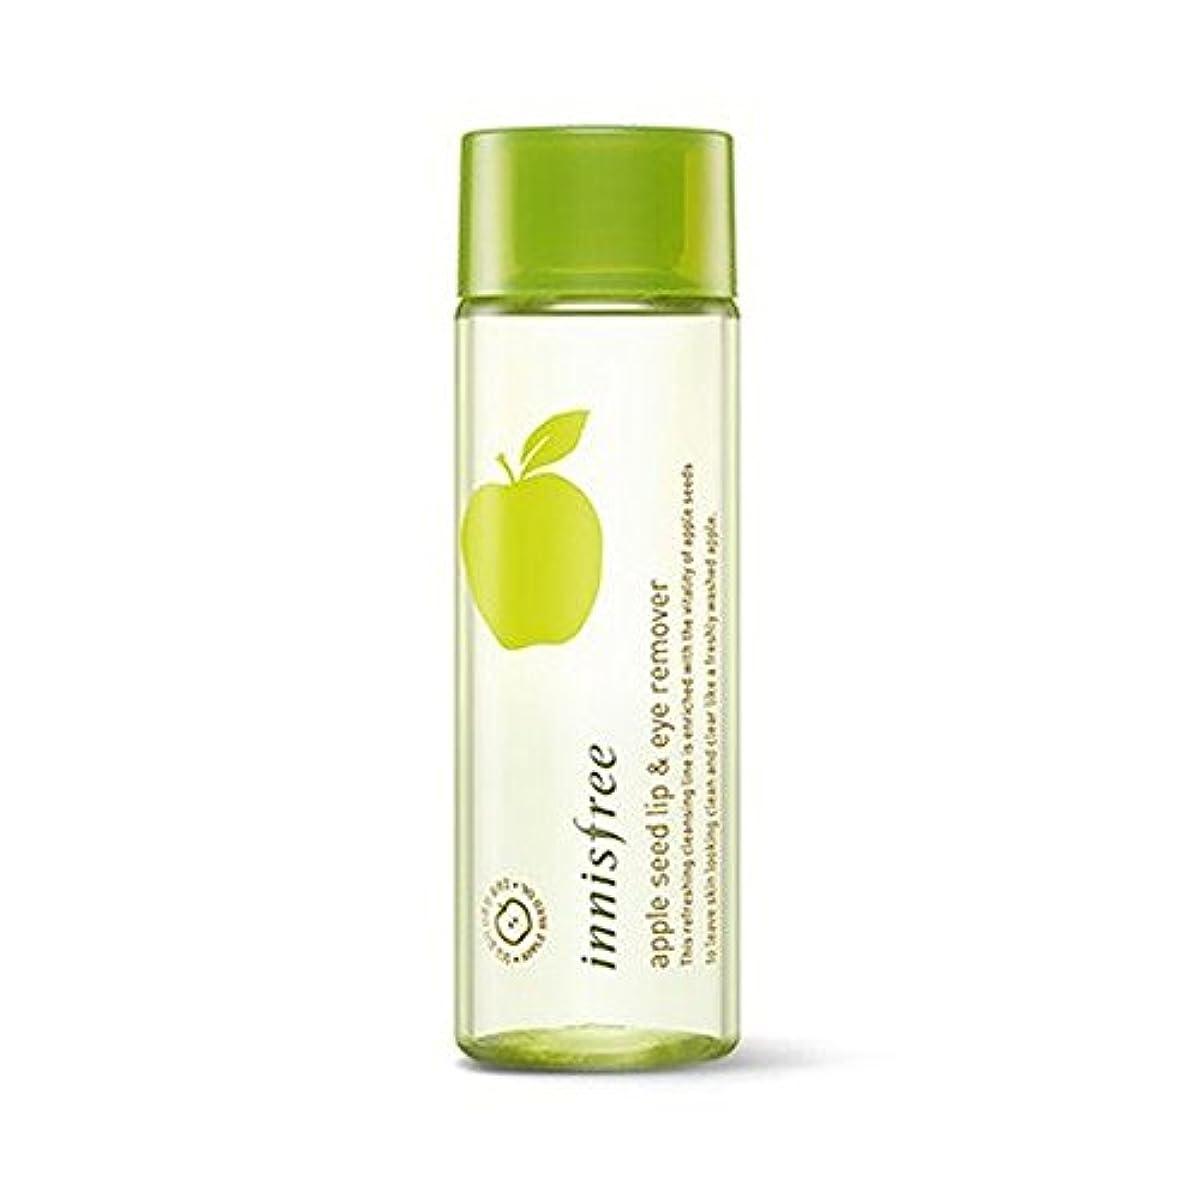 タービン暫定説教するINNISFREE Apple Seed Lip & Eye Remover 100 ml (並行輸入品)